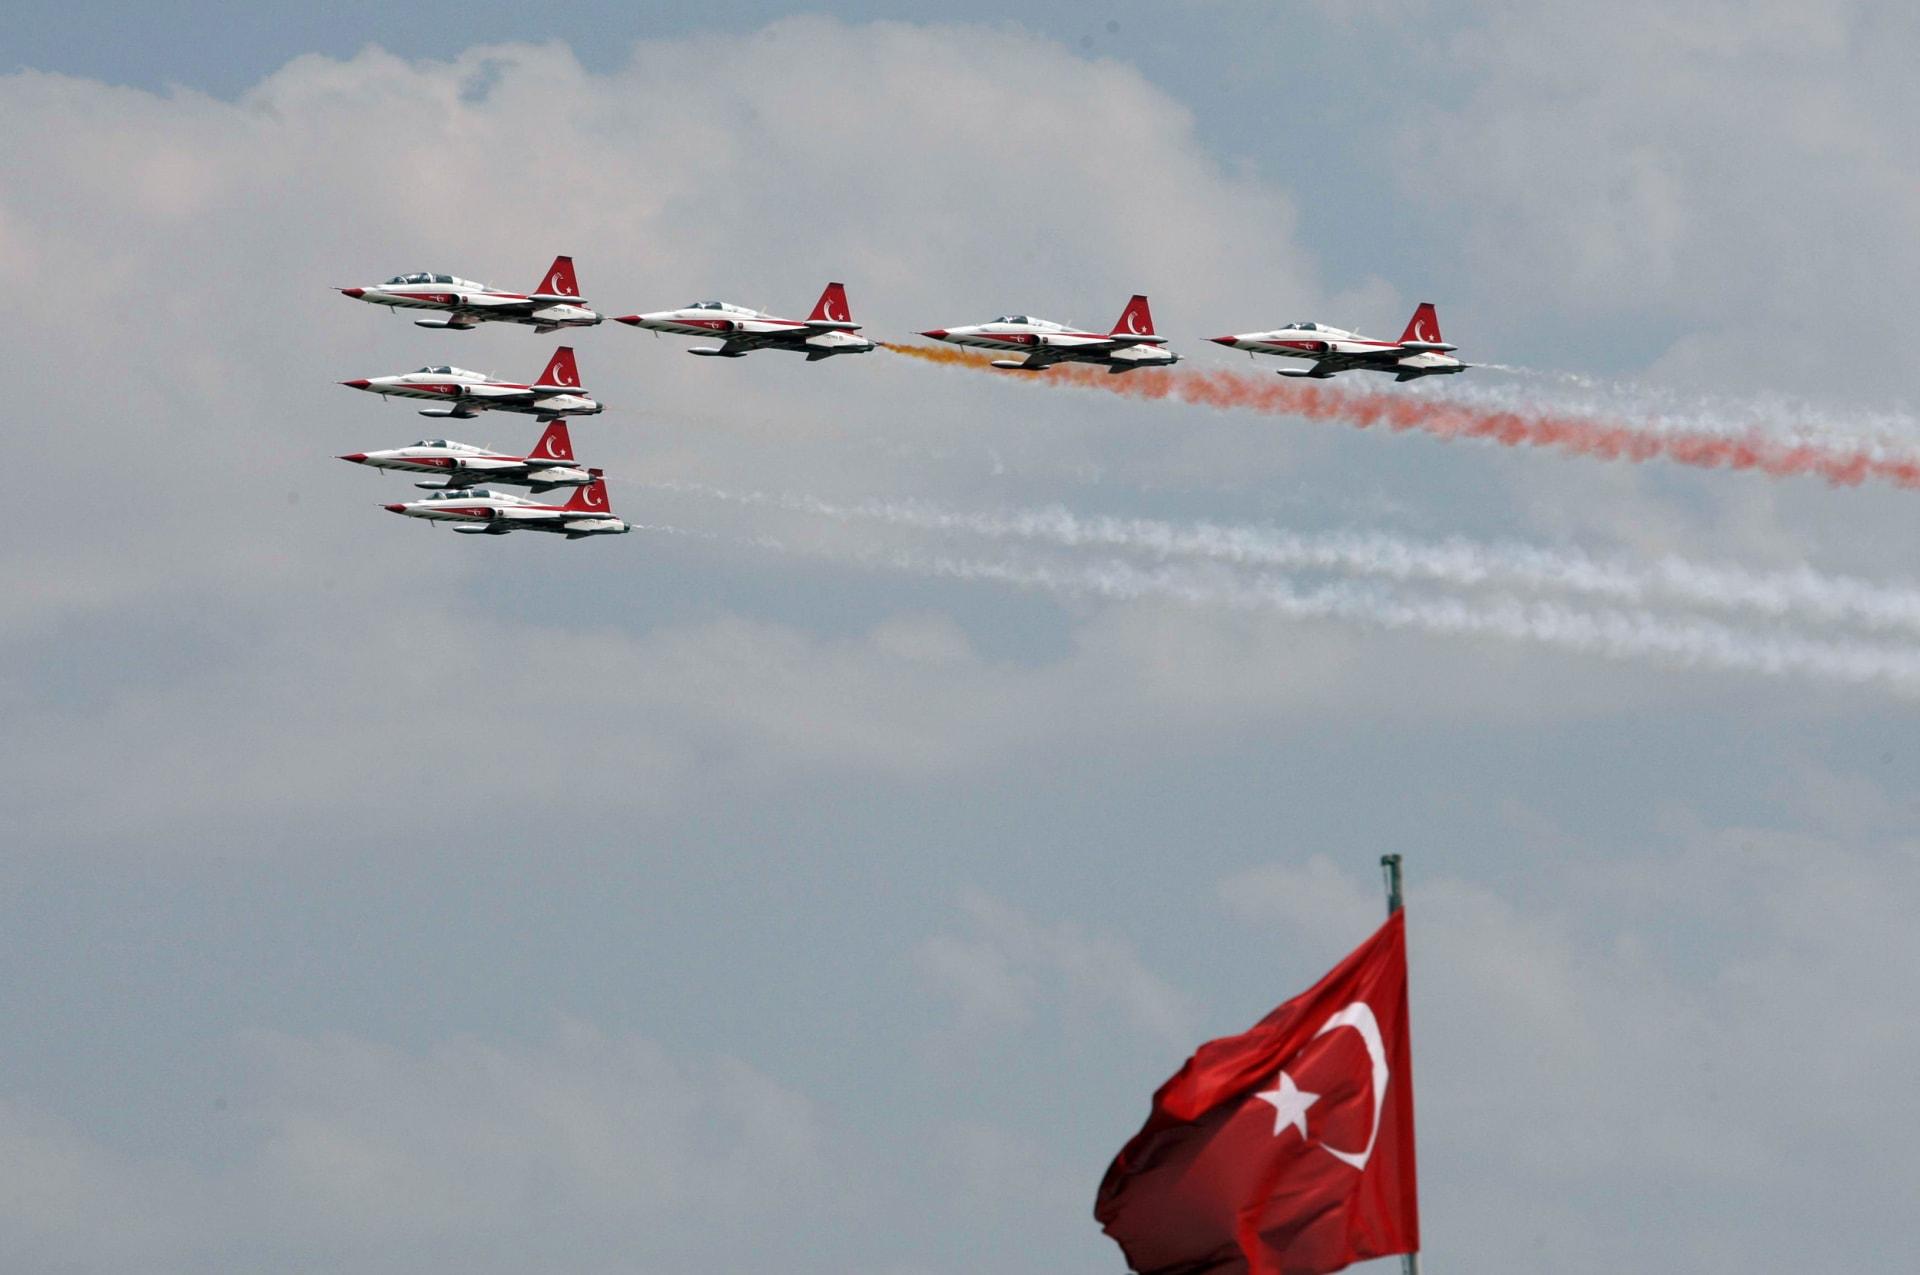 """الأمن القومي التركي يعلن انتهاء عملية """"درع الفرات"""" في سوريا: تكللت بالنجاح"""